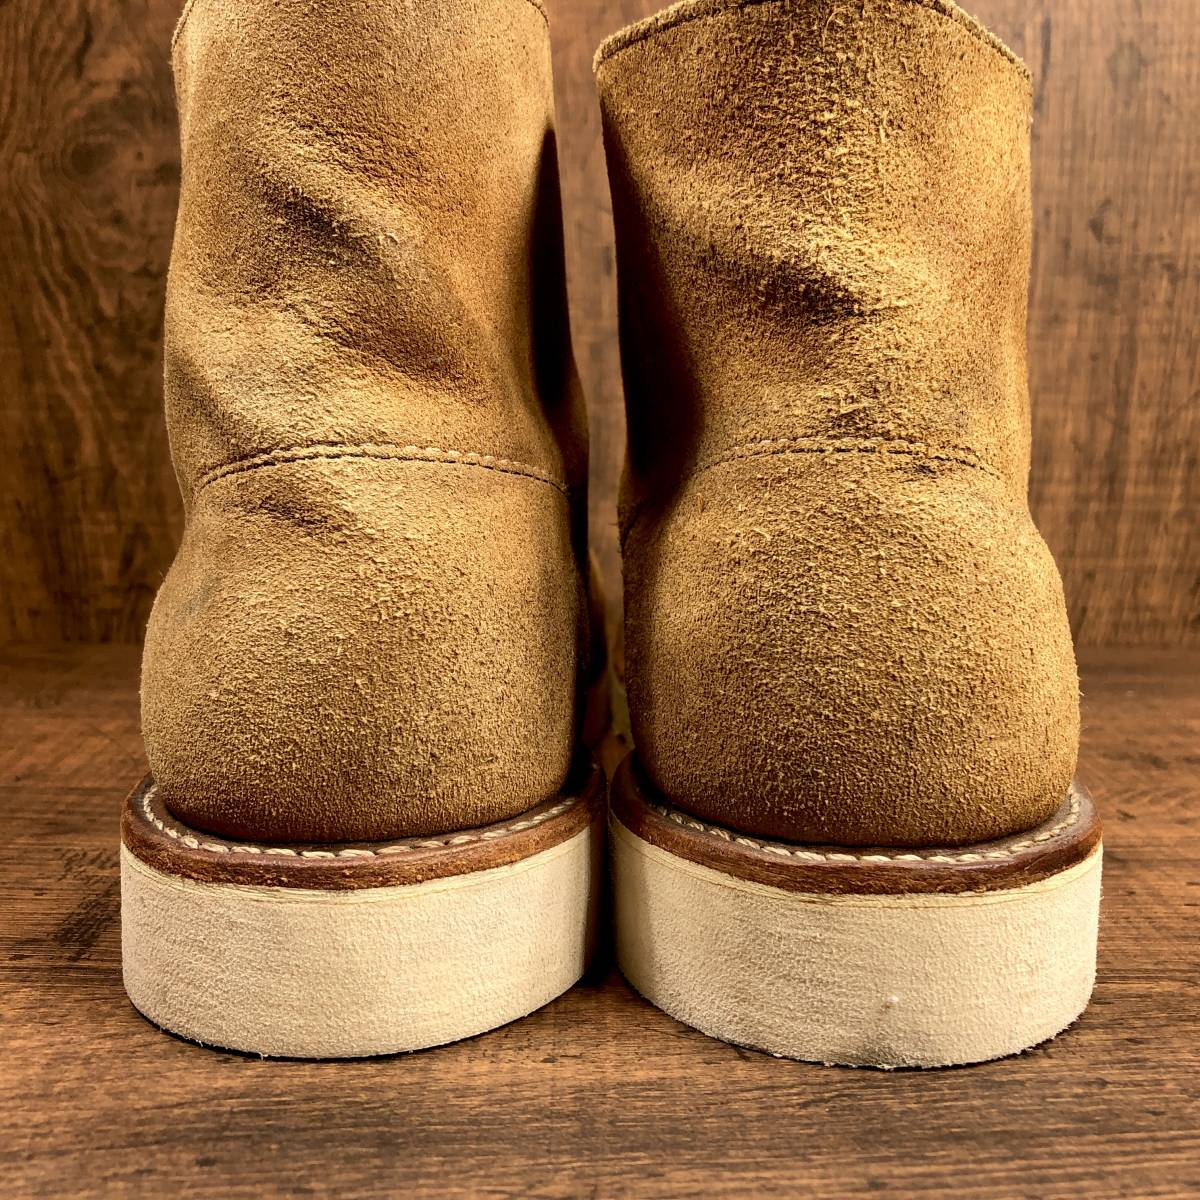 ■RED WING 8181■ 26cm US8D 茶 ブラウン レッドウィング ショートカットブーツ メンズ 革靴 靴 くつ ブーツ 即決_画像2